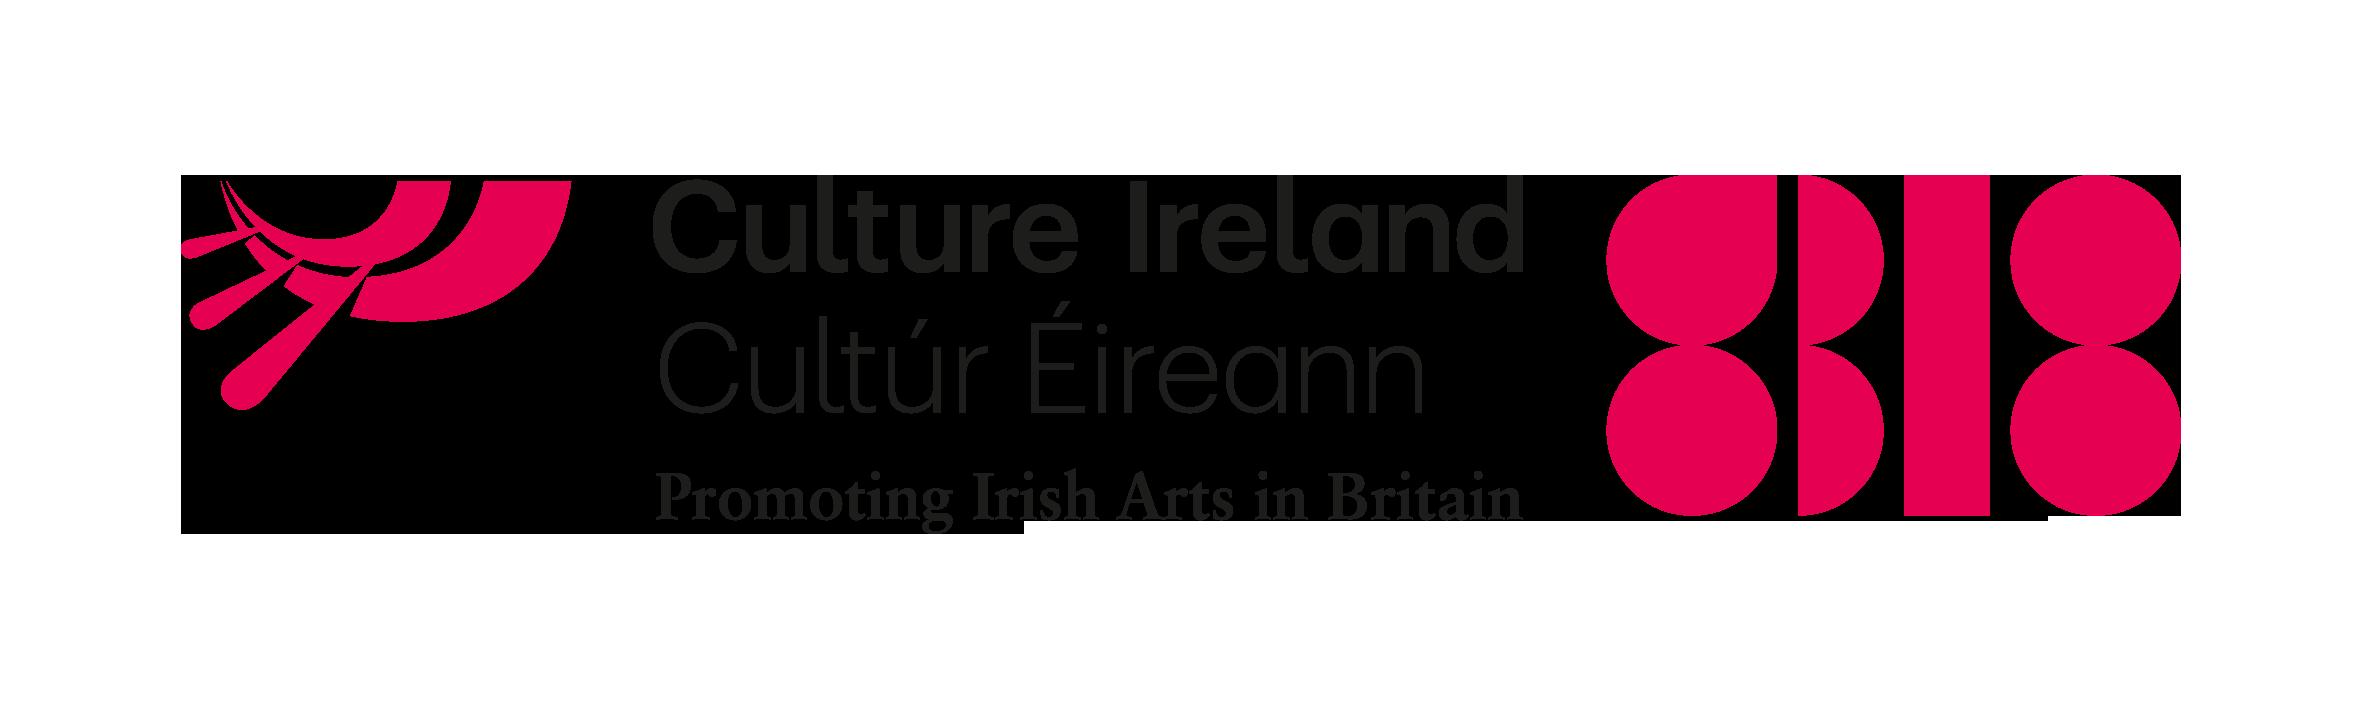 http://www.cultureireland.ie/GB18/